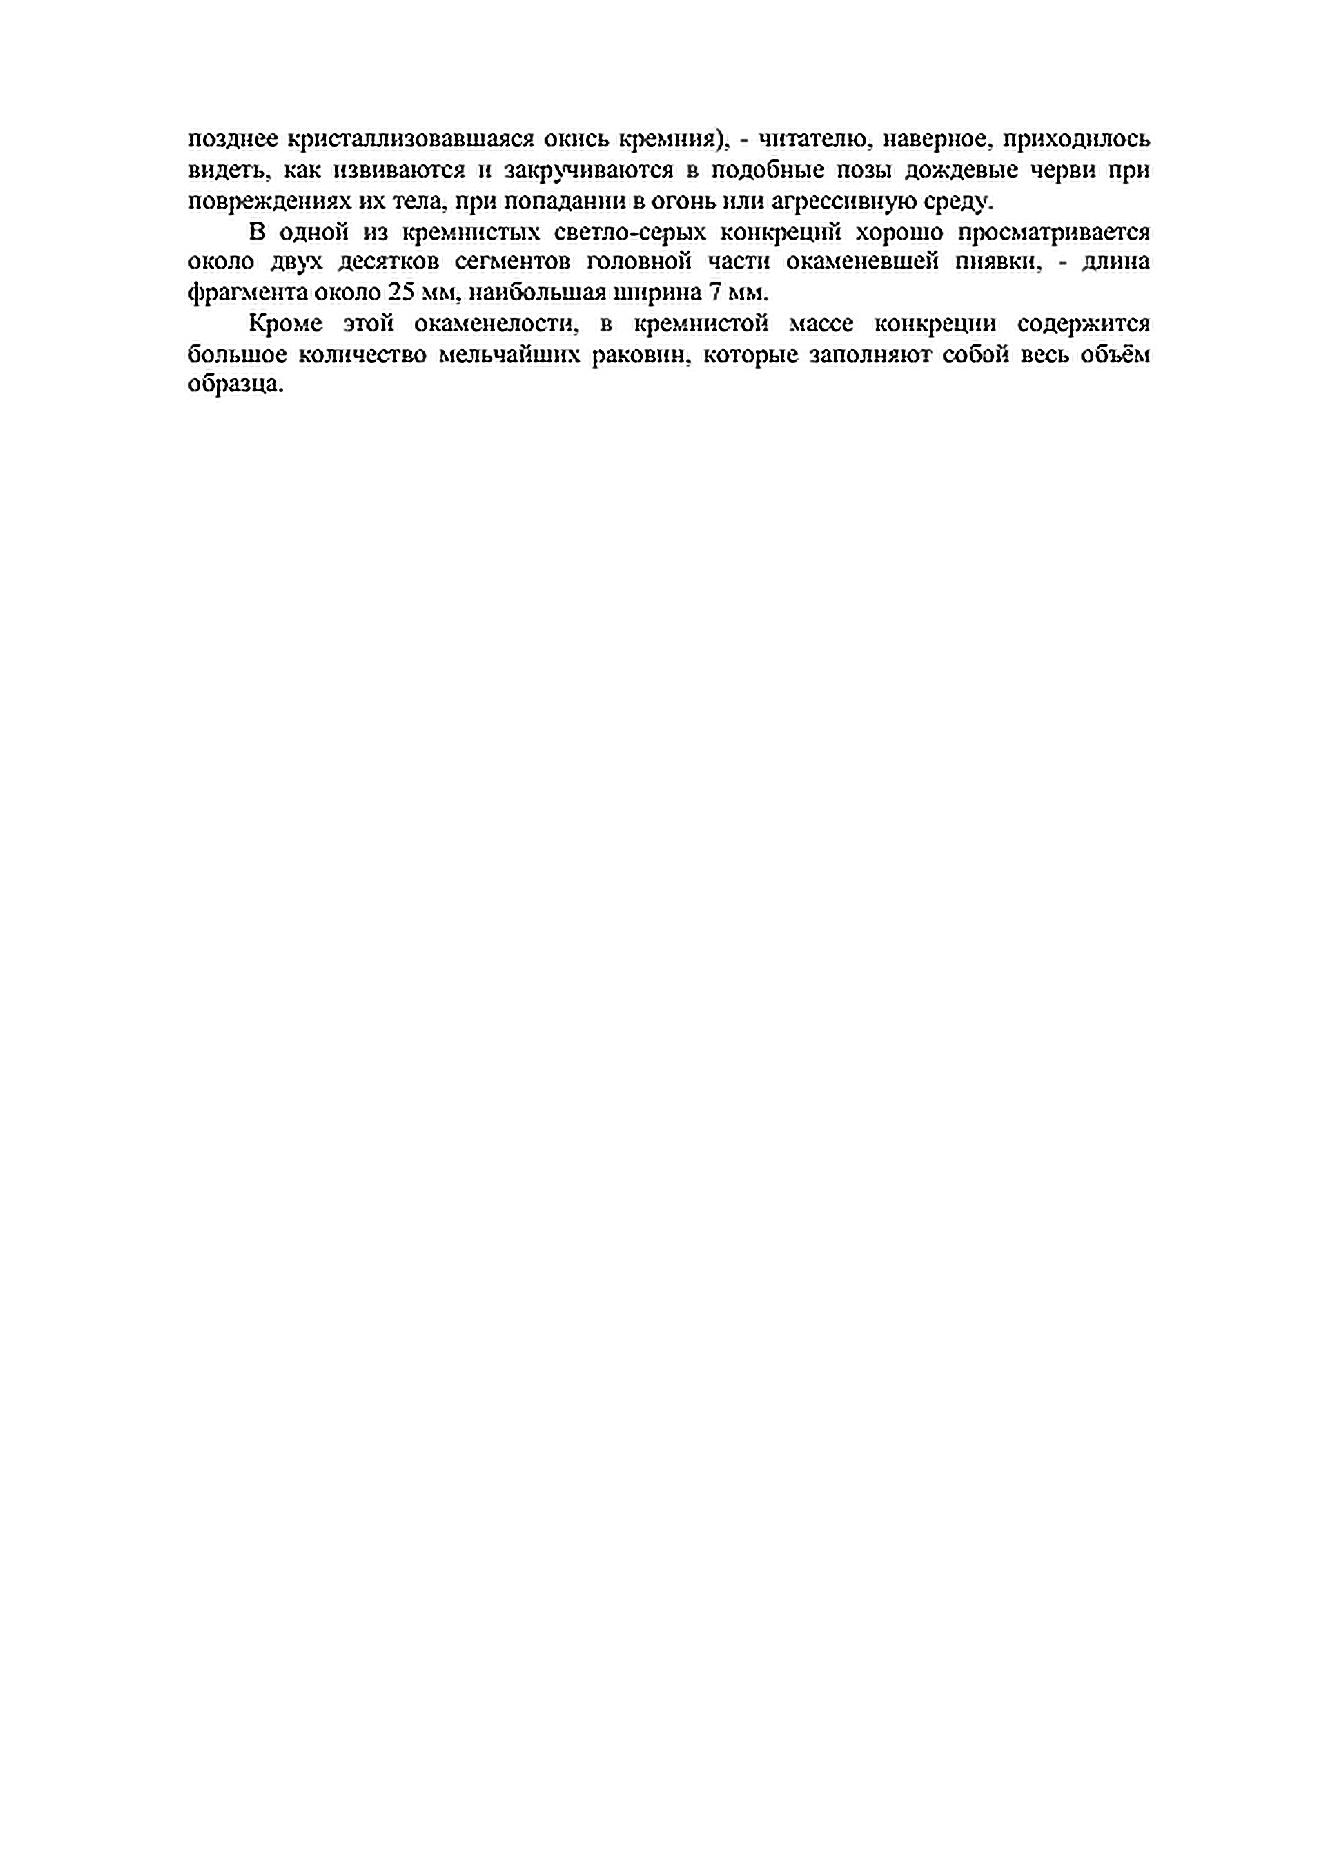 http://s5.uploads.ru/C2EAo.jpg